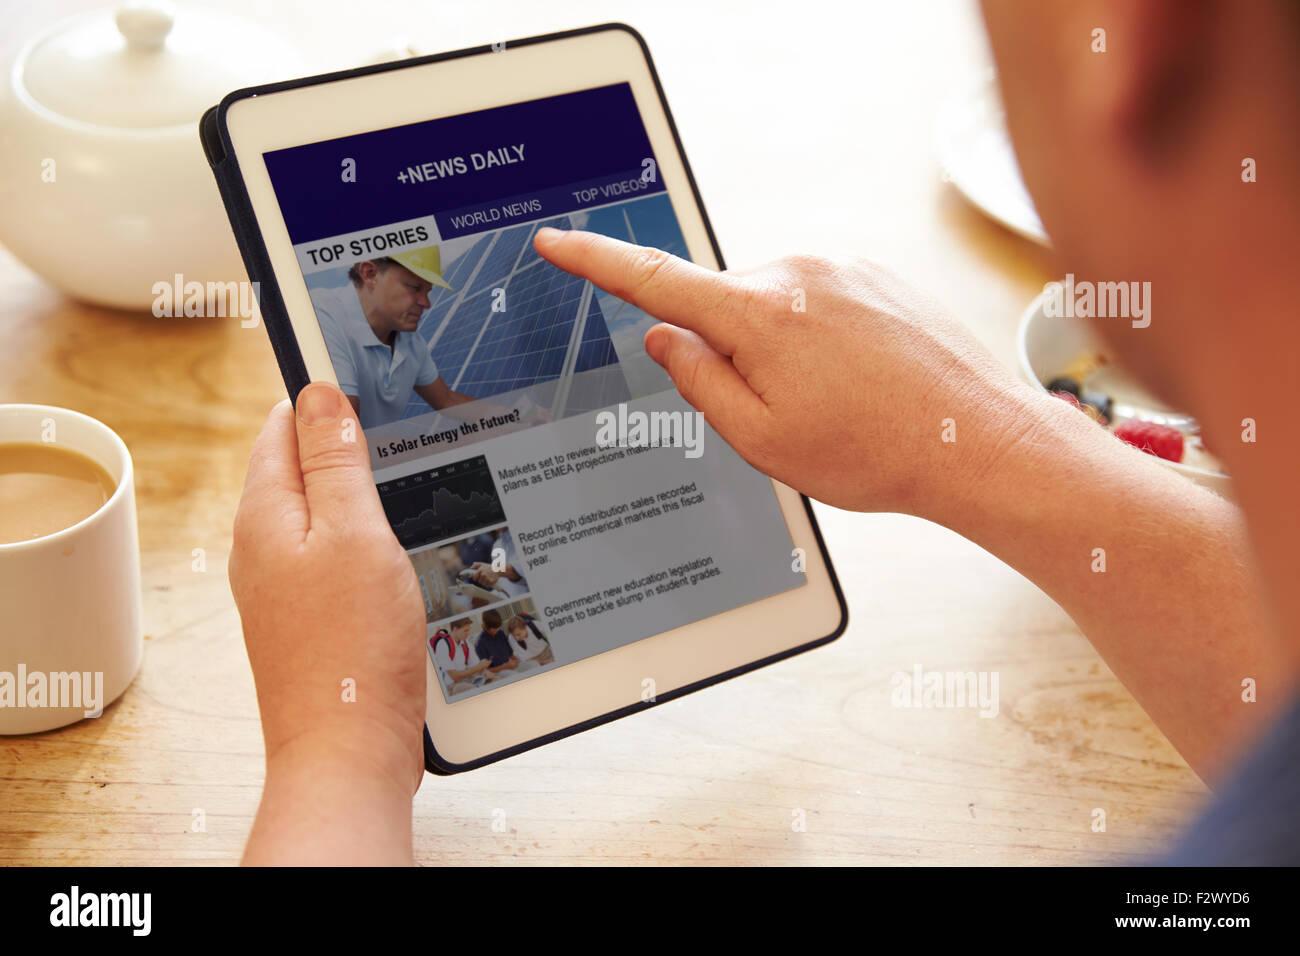 Personne au petit déjeuner à la recherche à l'application des nouvelles sur tablette numérique Photo Stock